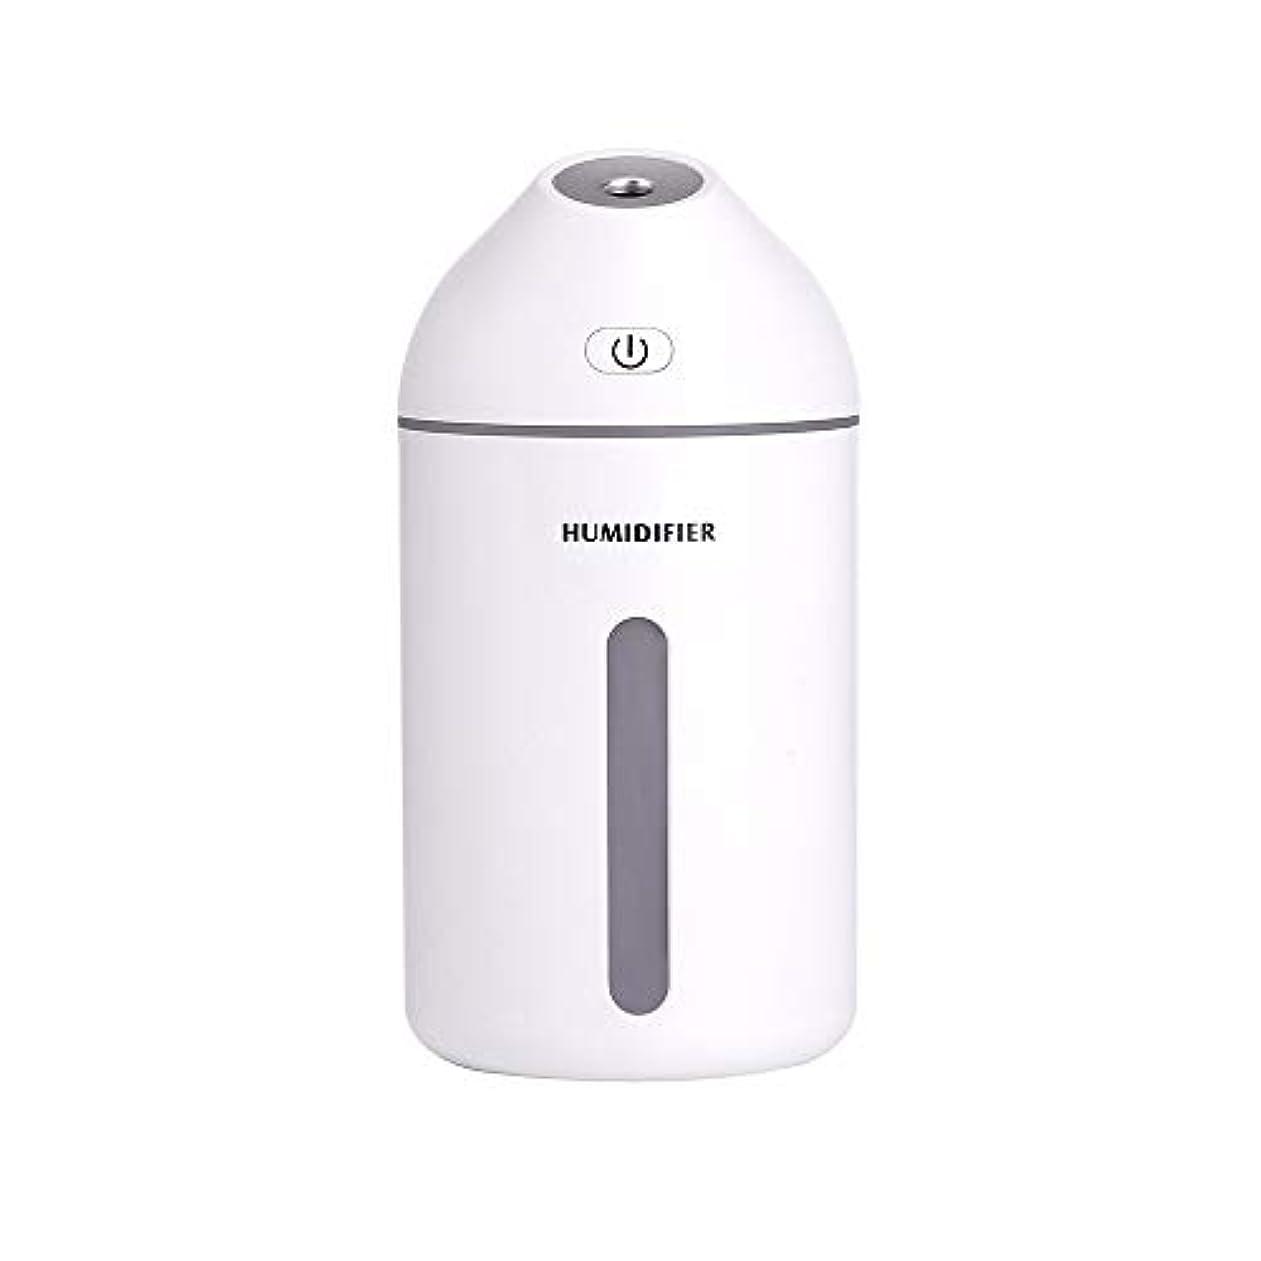 前方へオーラル慈悲320mlのエッセンシャルオイルディフューザーの静かな加湿器ホーム、カーフレグランスディフューザー (Color : White, Size : 7.7×15.2)